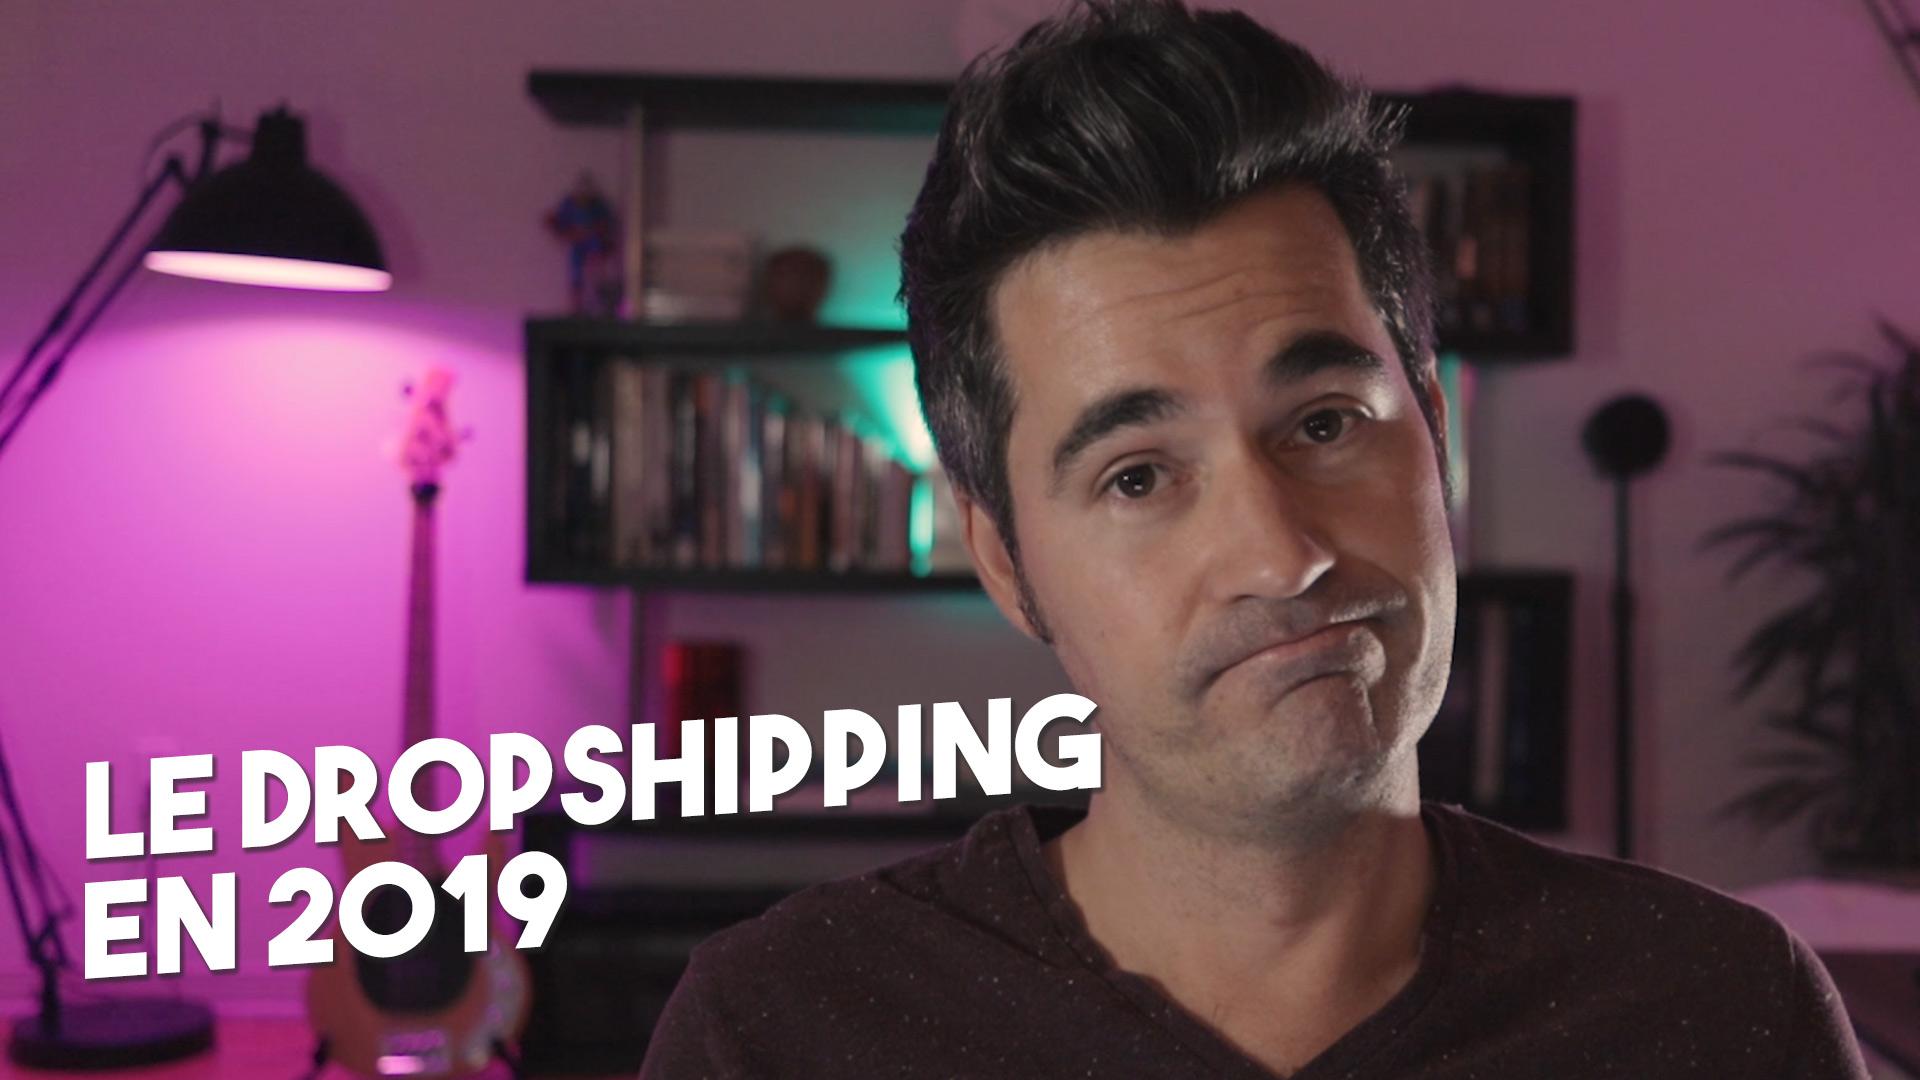 La vérité sur le dropshipping en 2019